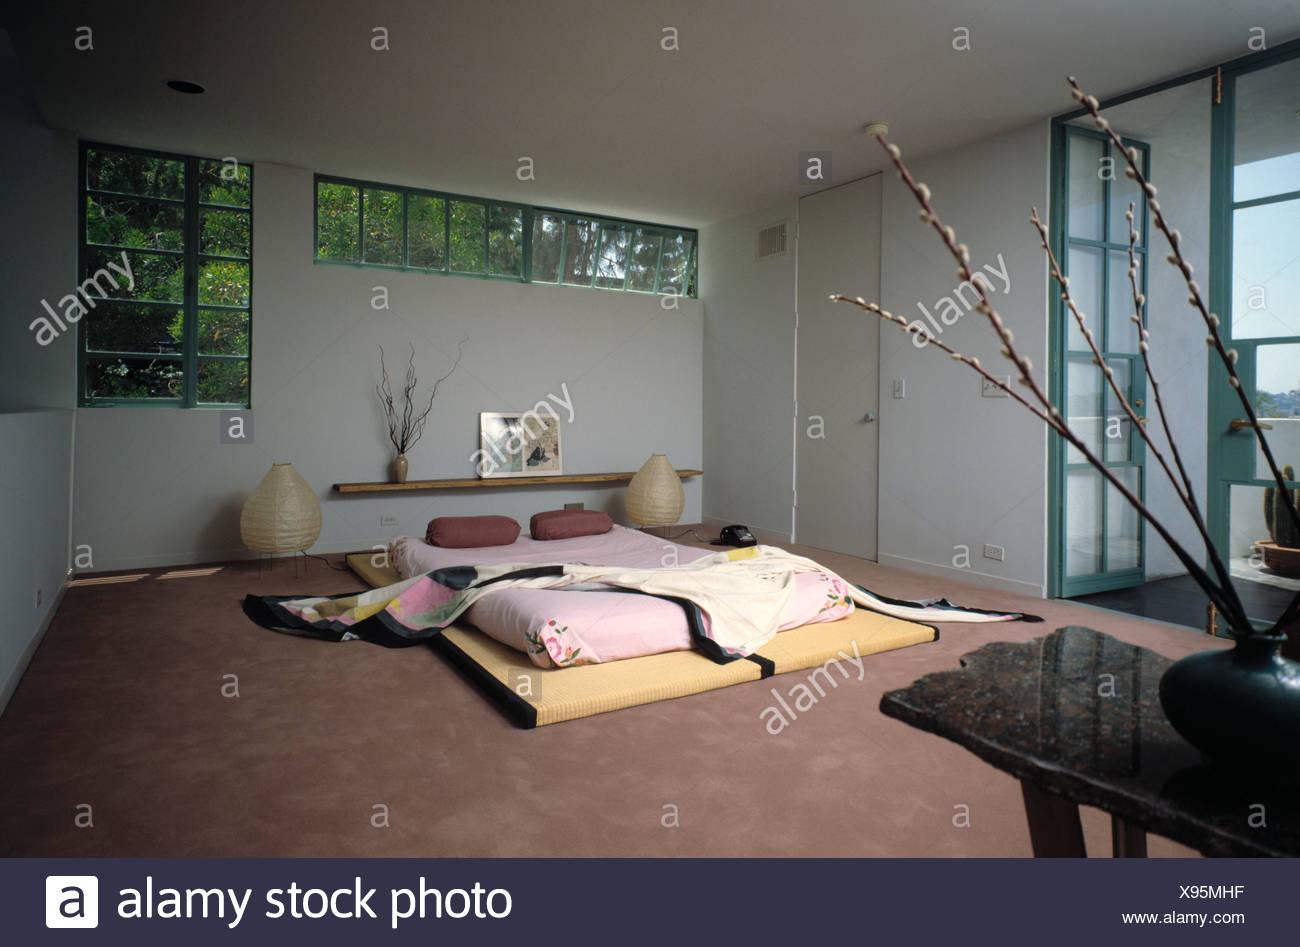 Camera Da Letto Giapponese stile giapponese camera da letto foto & immagine stock